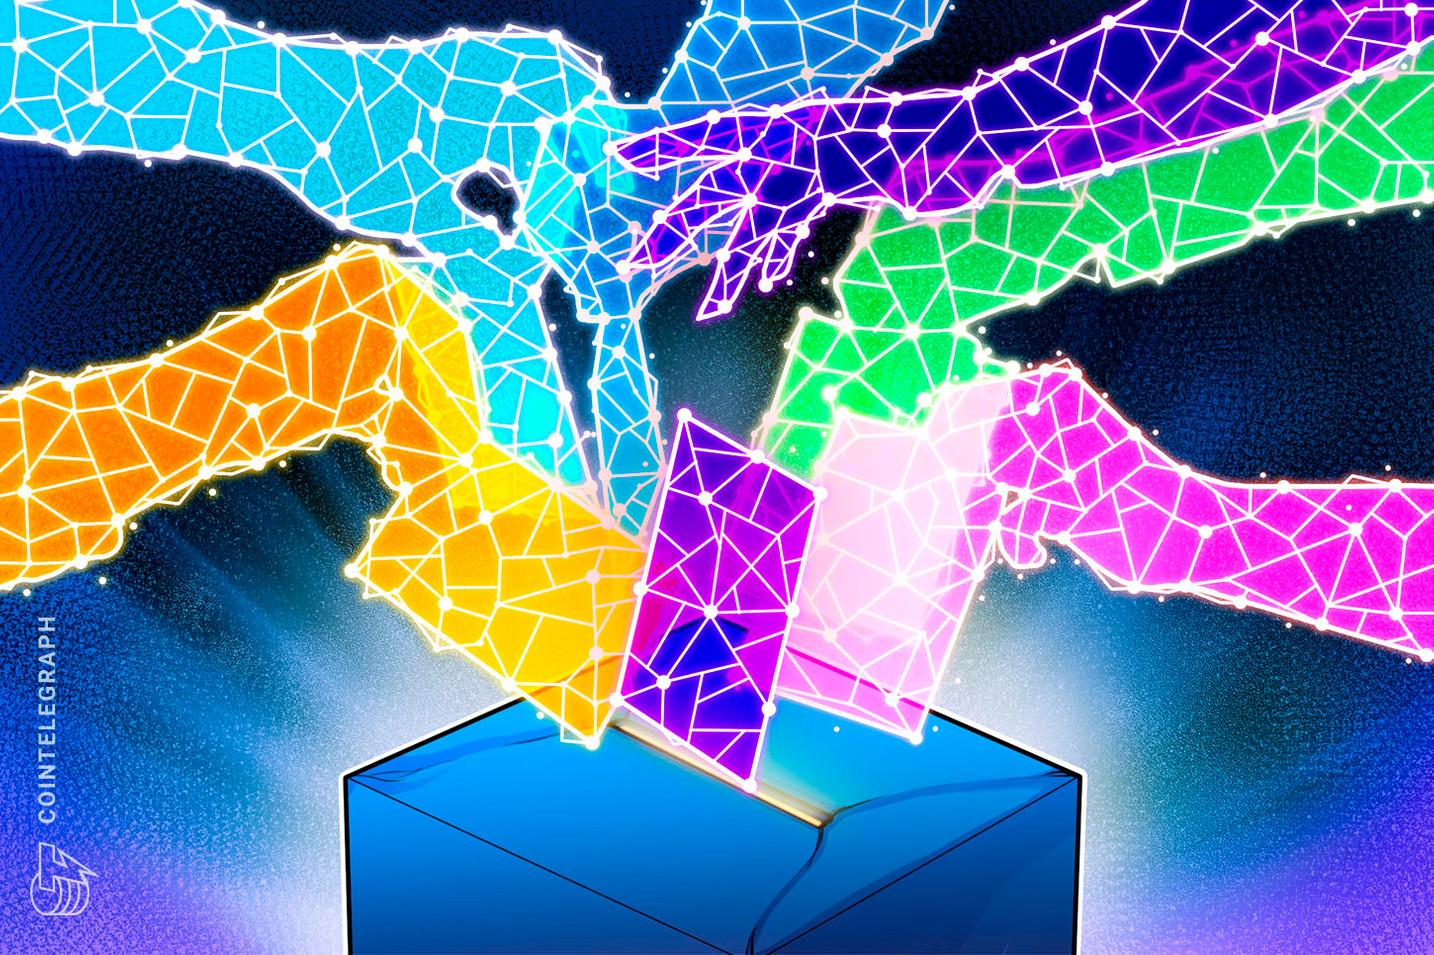 Condado de Utah torna-se terceira jurisdição dos EUA a adotar votação em blockchain